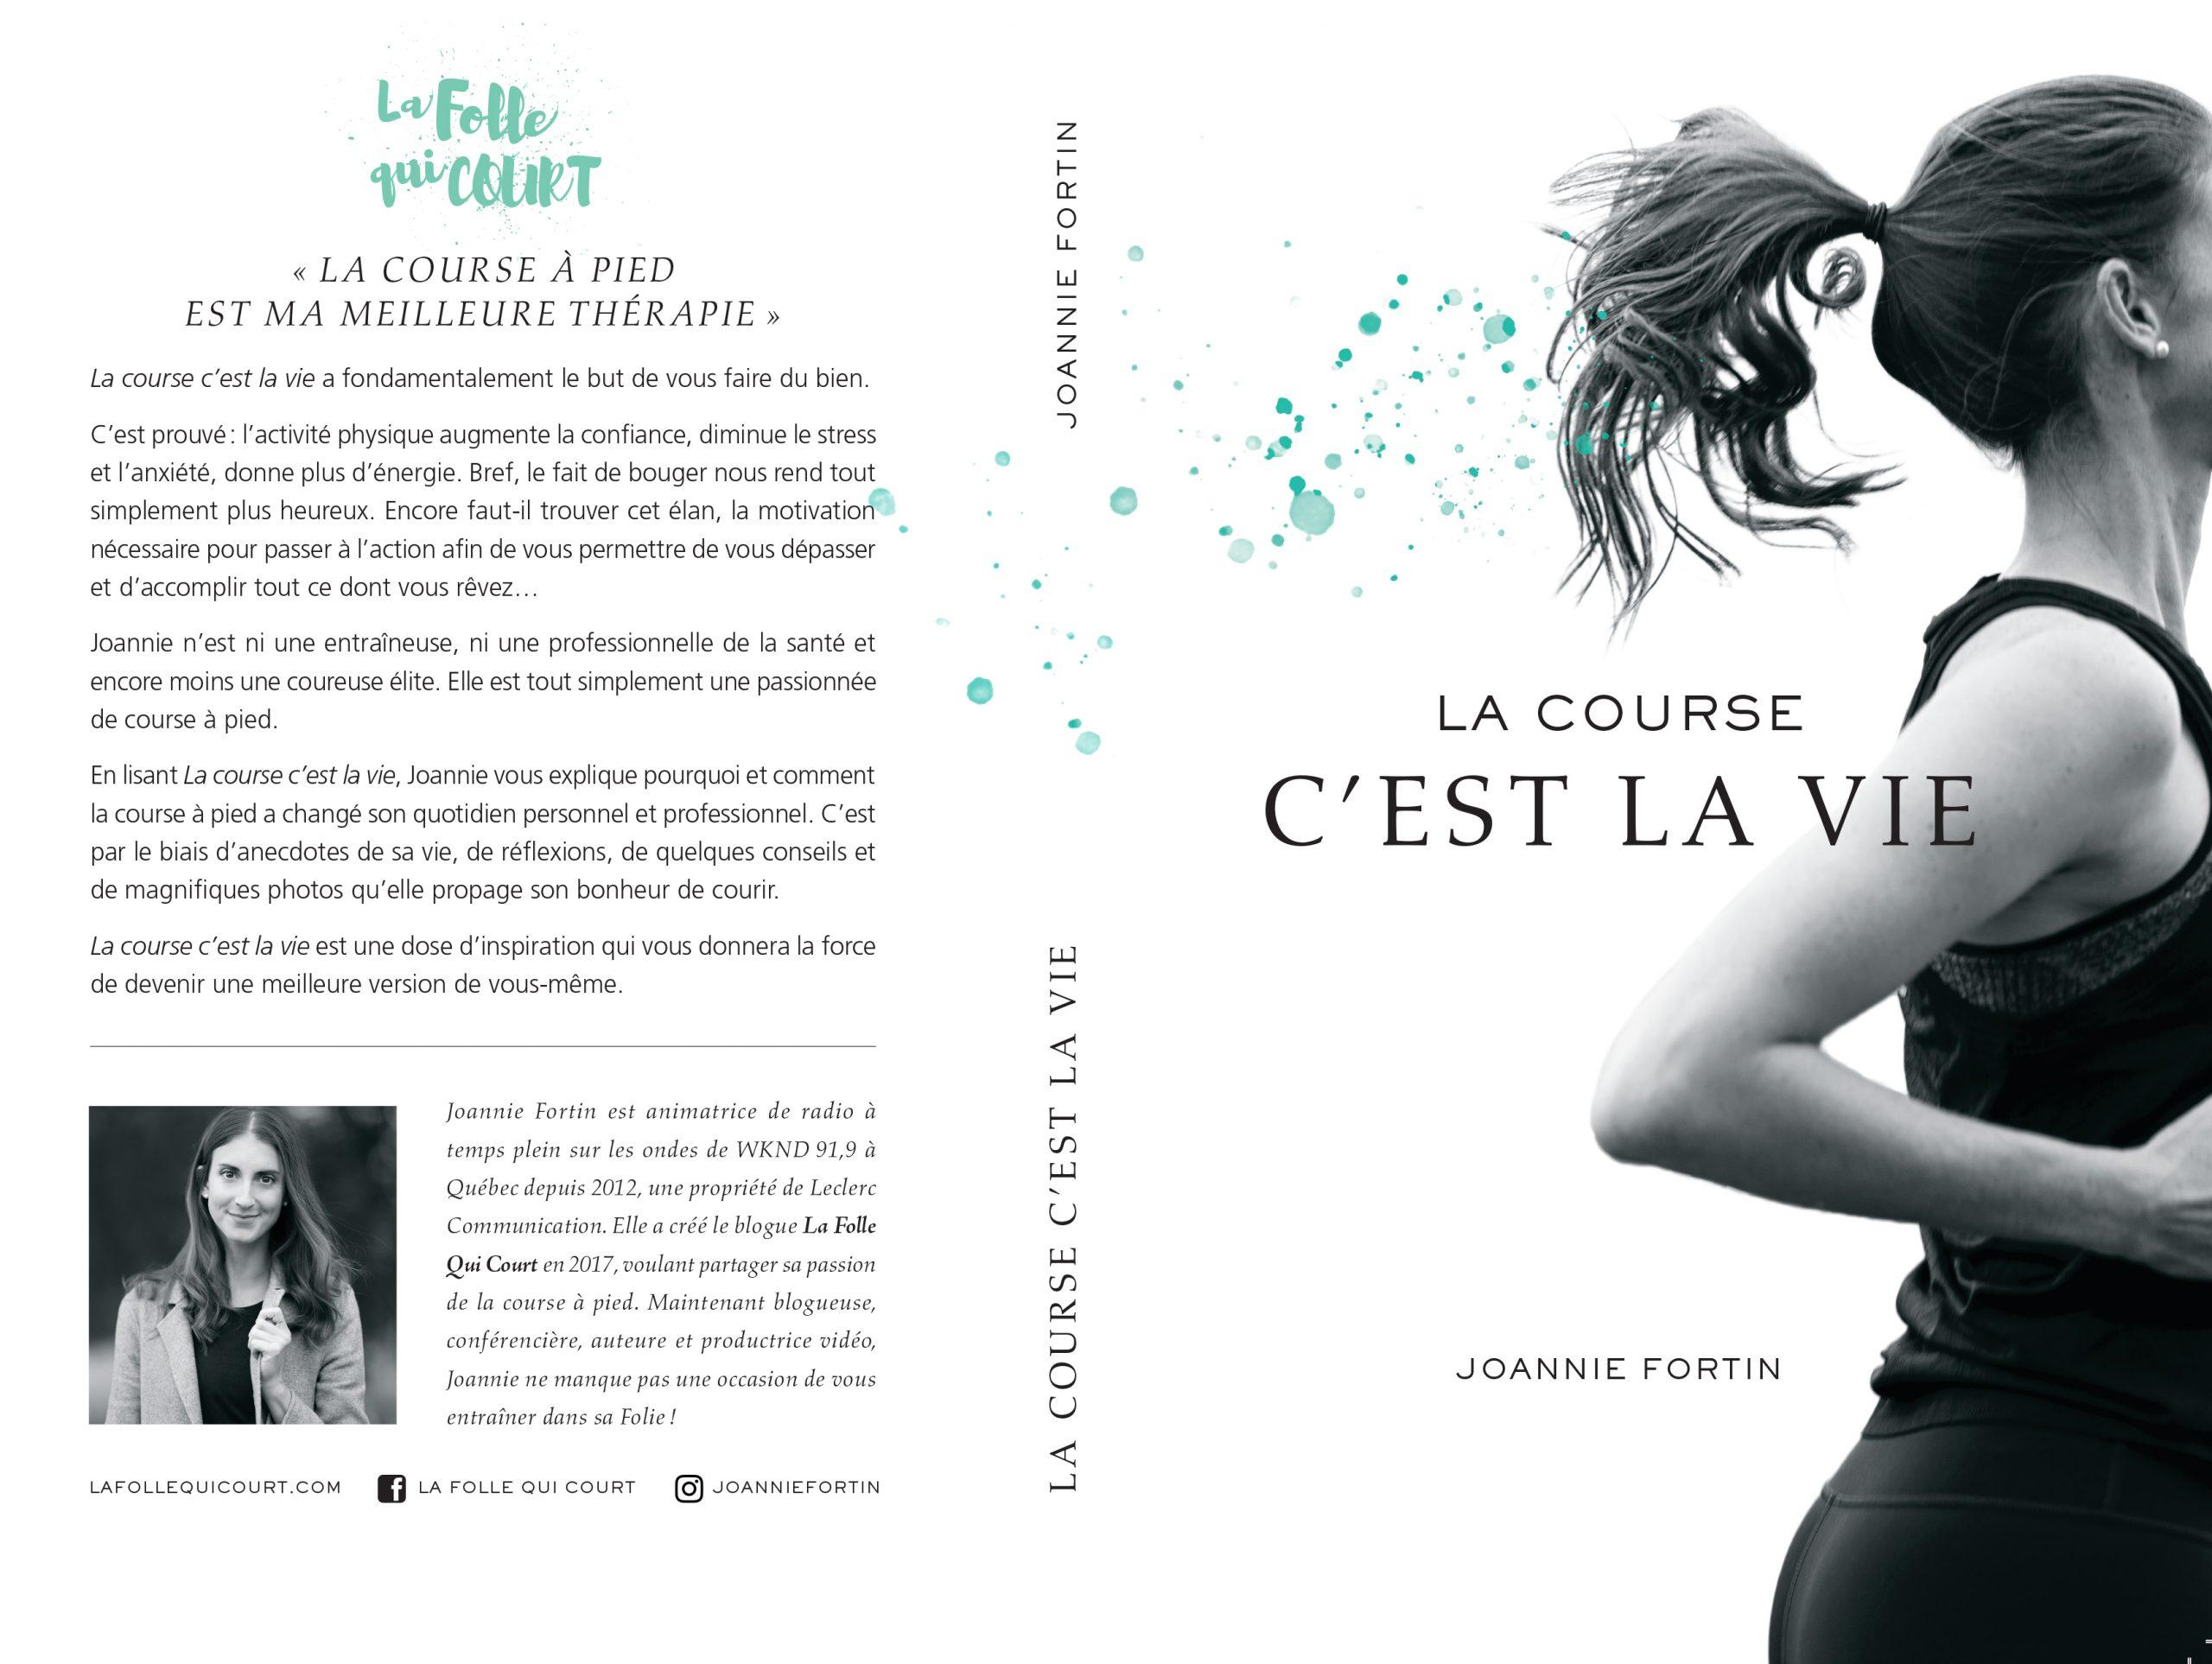 Couverture du livre La course c'est la vie de Joannie Fortin La Folle Qui Court